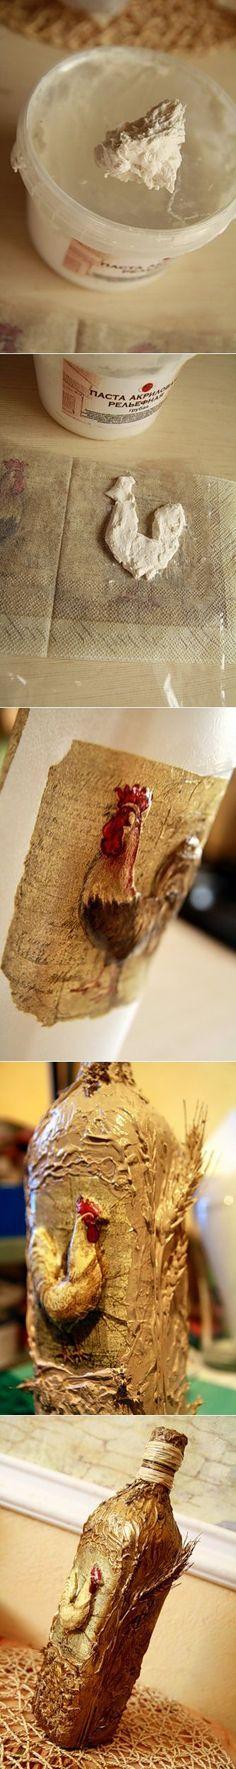 """МК по декорированию бутыли """"Деревенской"""" в технике декупаж с применением моделирующих паст - Ярмарка Мастеров - ручная работа, handmade"""